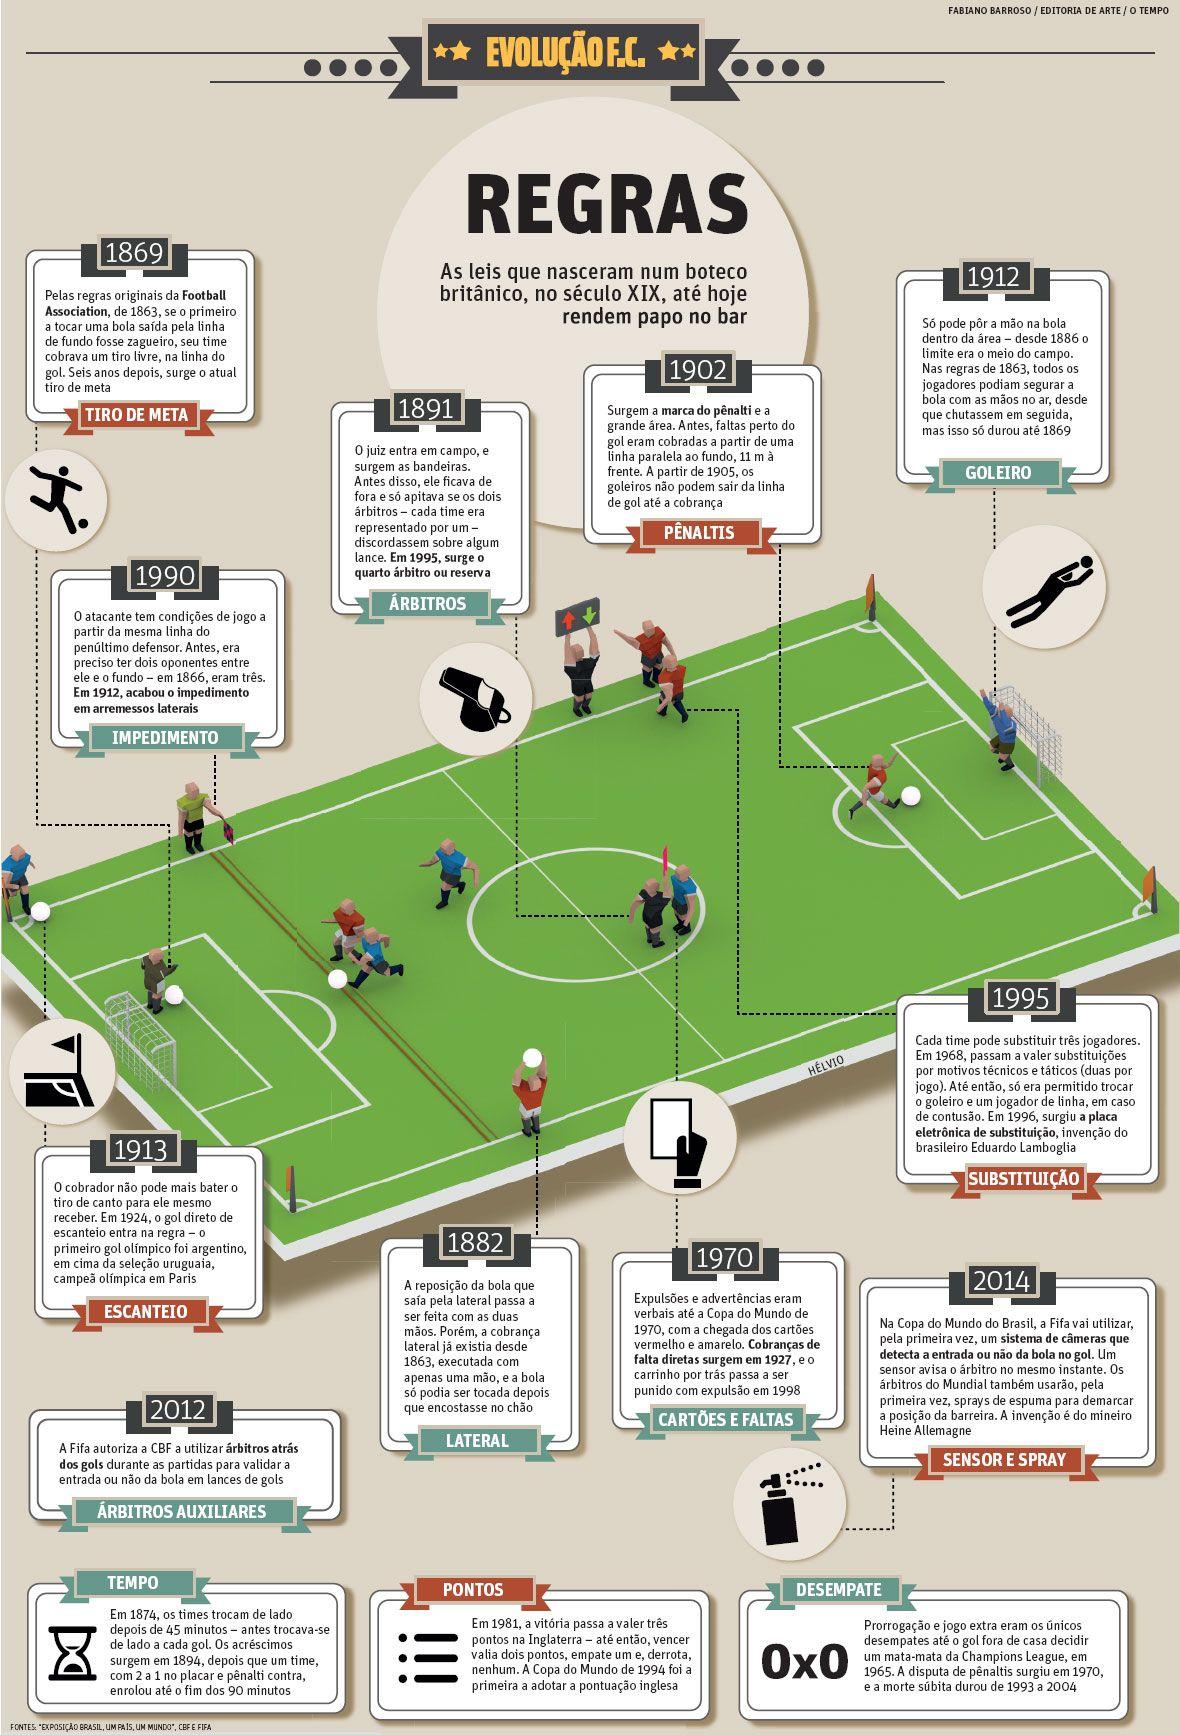 Regras Do Futebol Jornal O Tempo Treinamento De Futebol